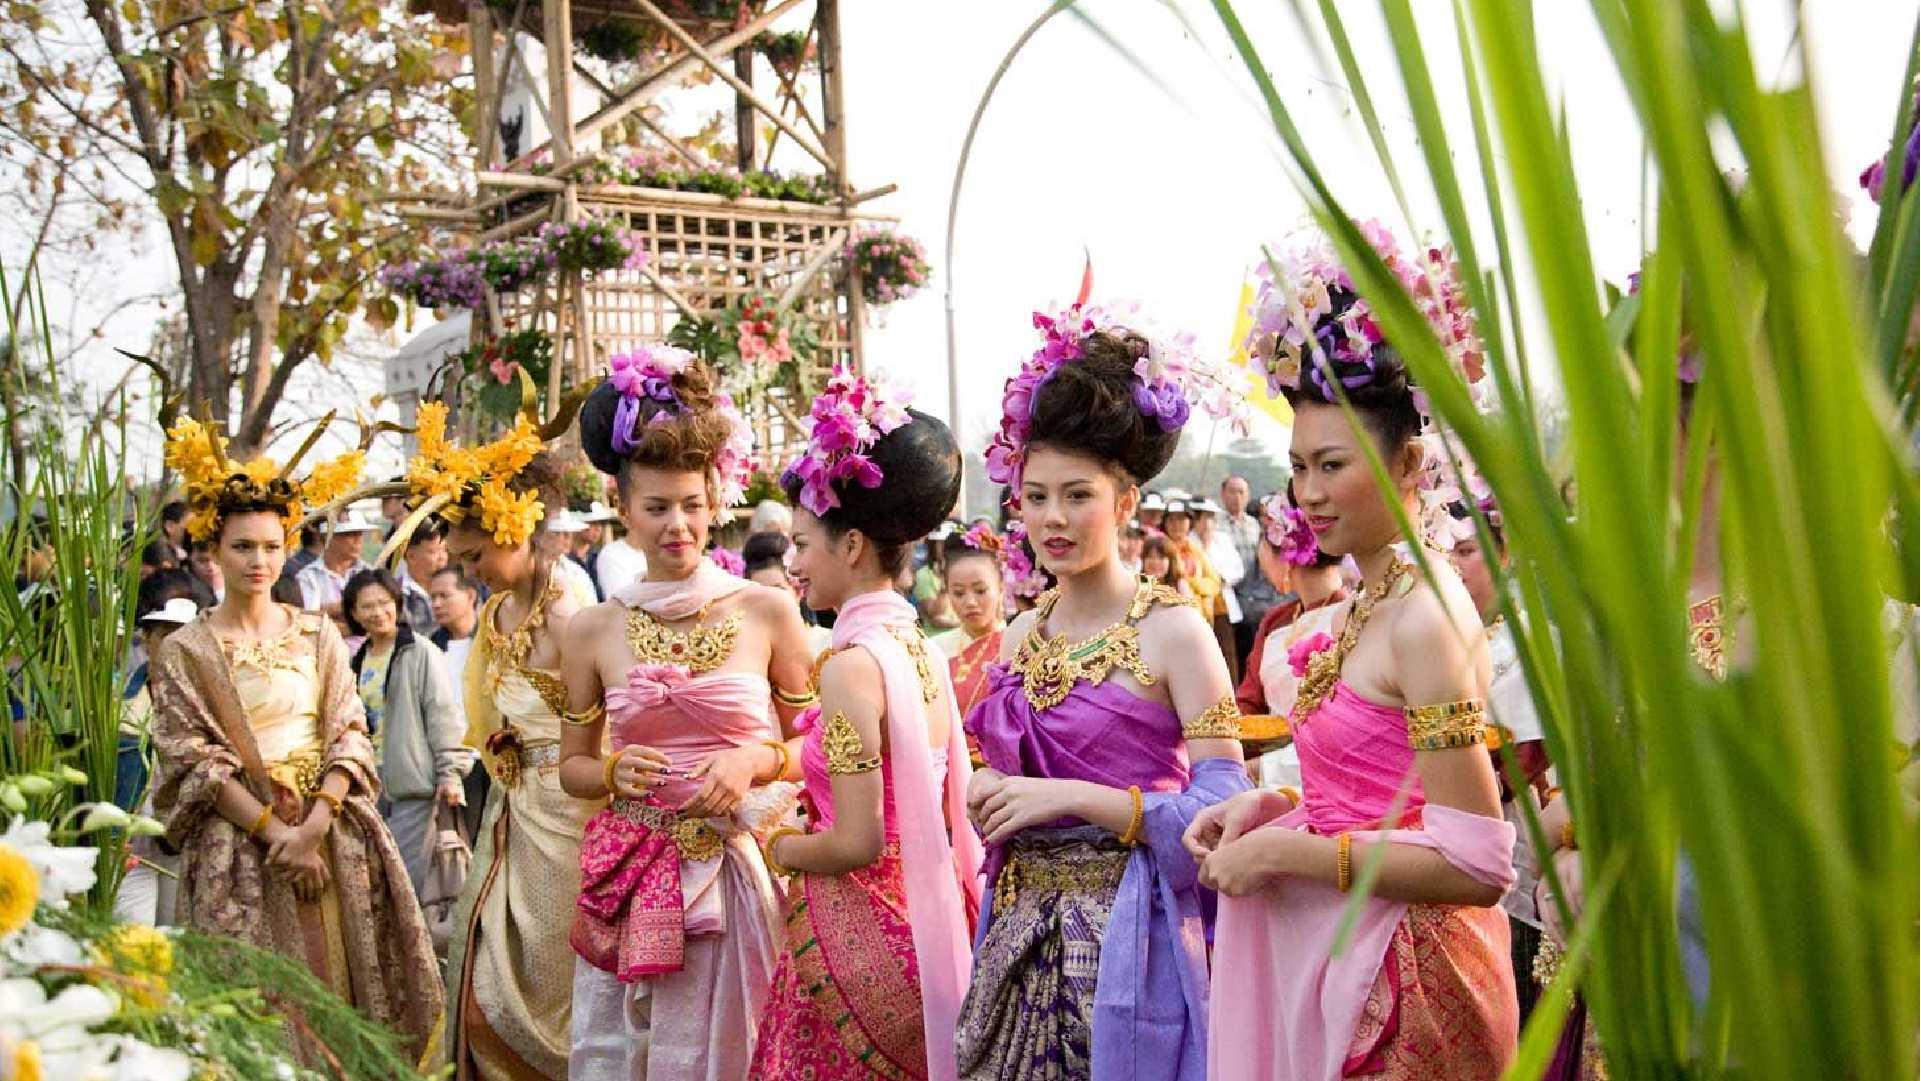 Flower Festival of Chiang Mai